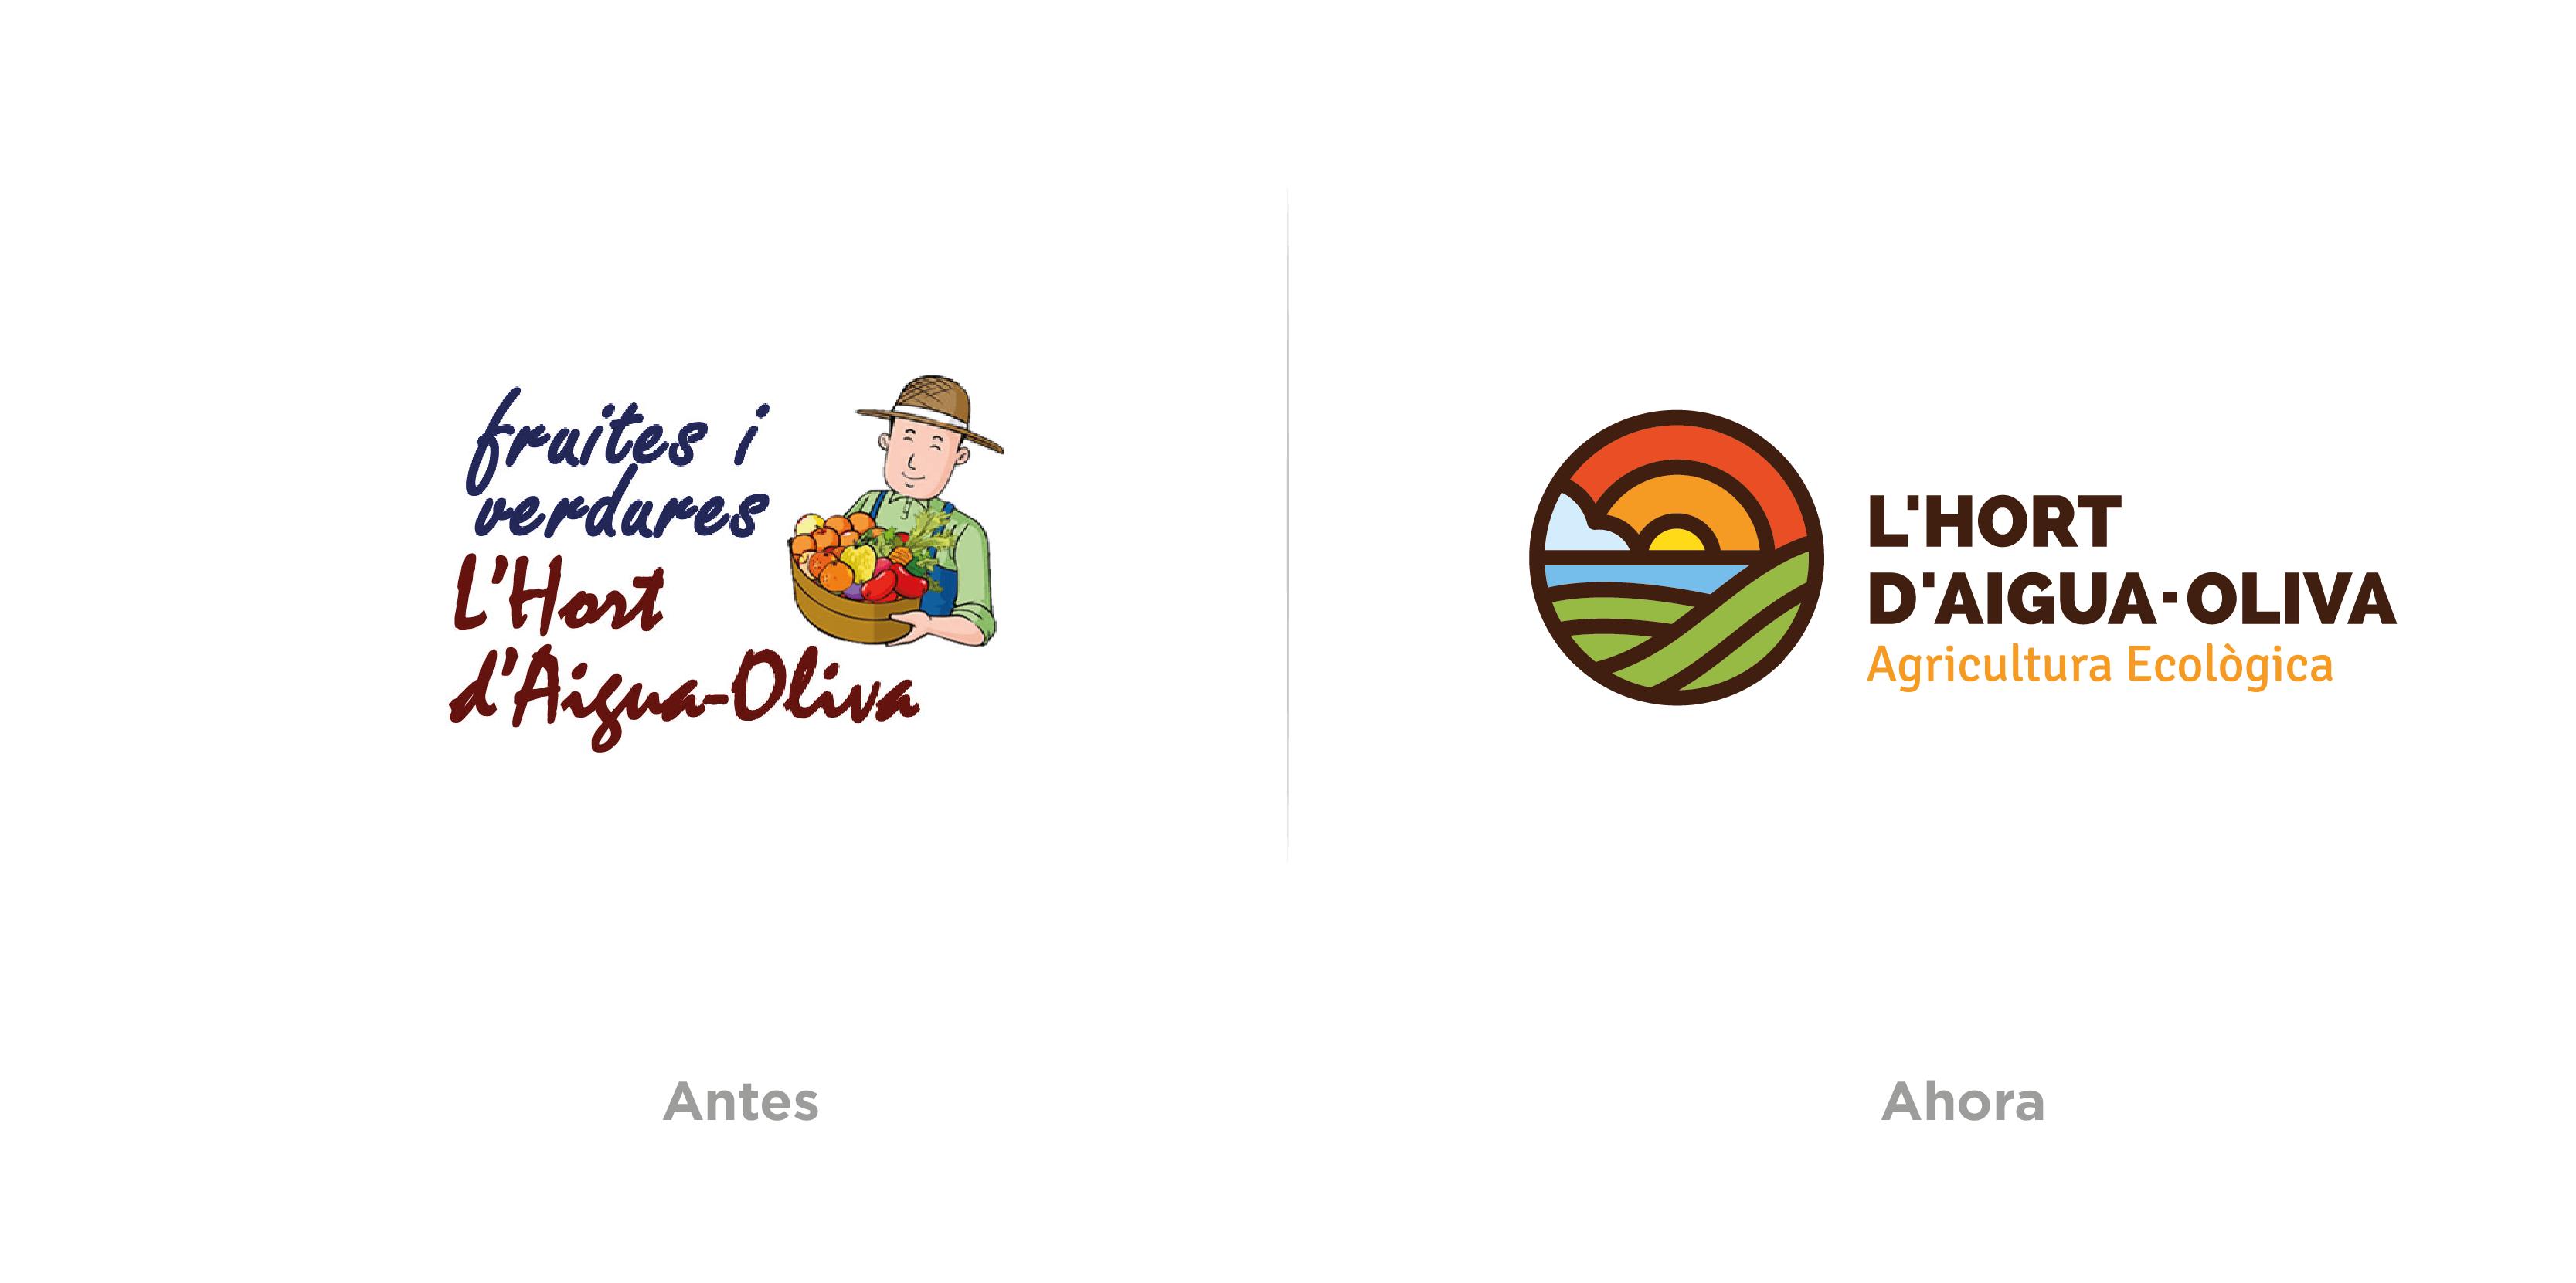 L´Hort d'Aigua-Oliva, Diseño de logotipo